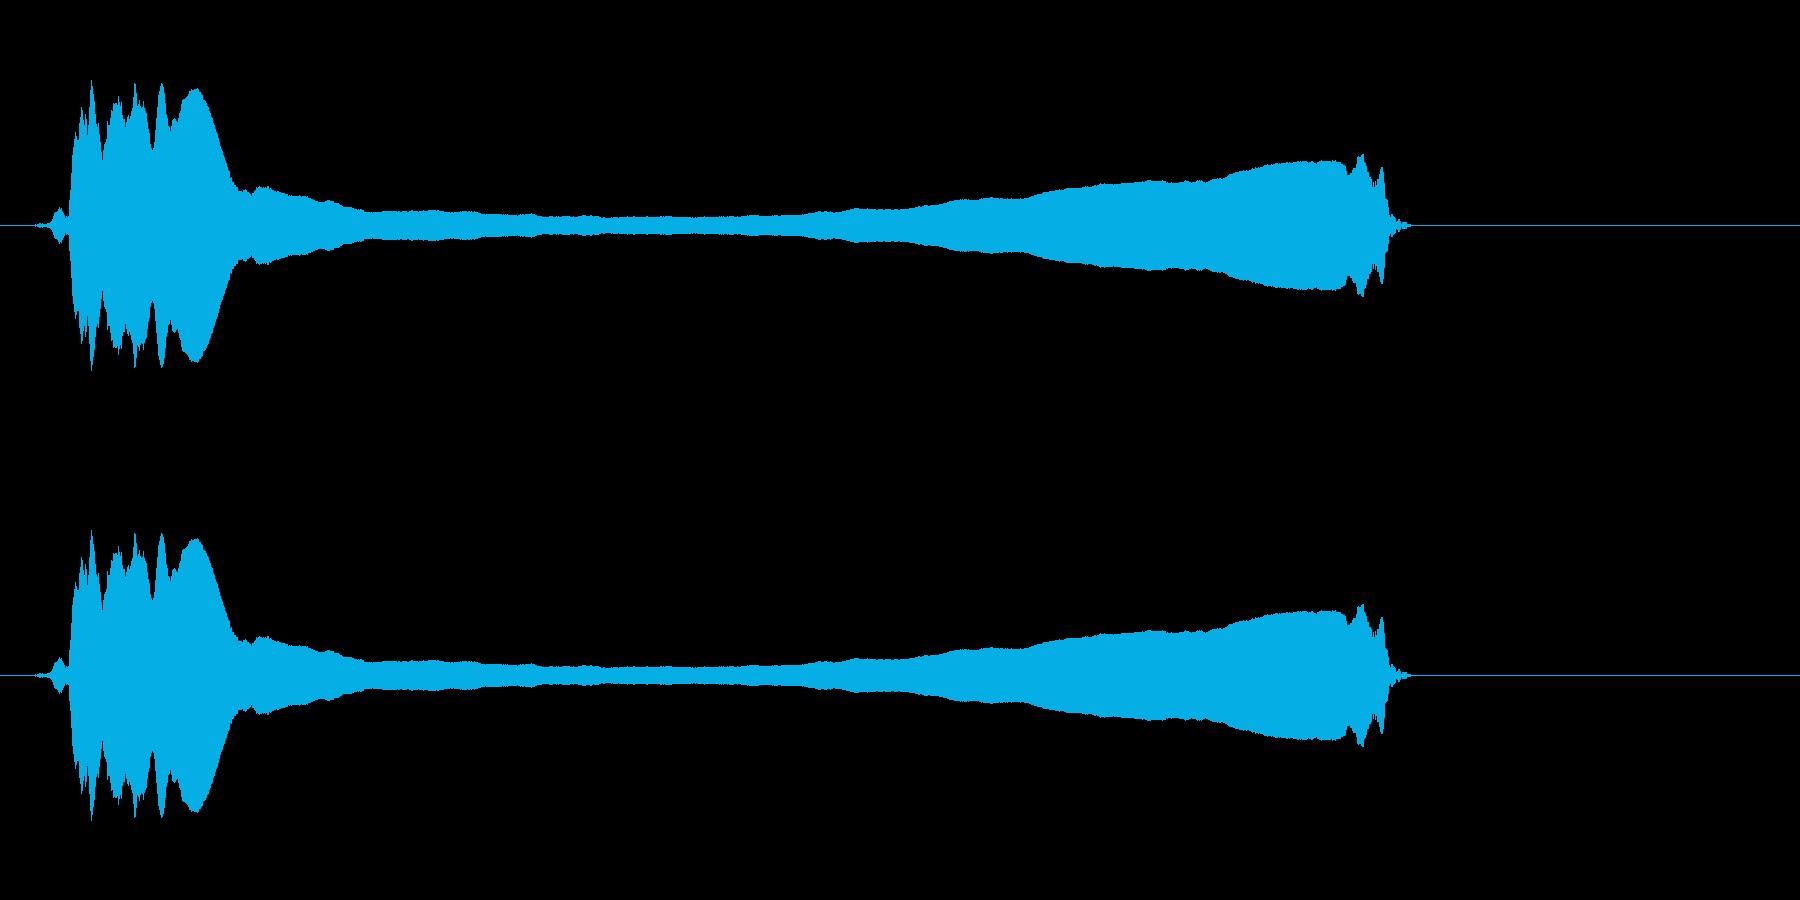 篠笛(六本調子)の最も高いひしぎです。の再生済みの波形